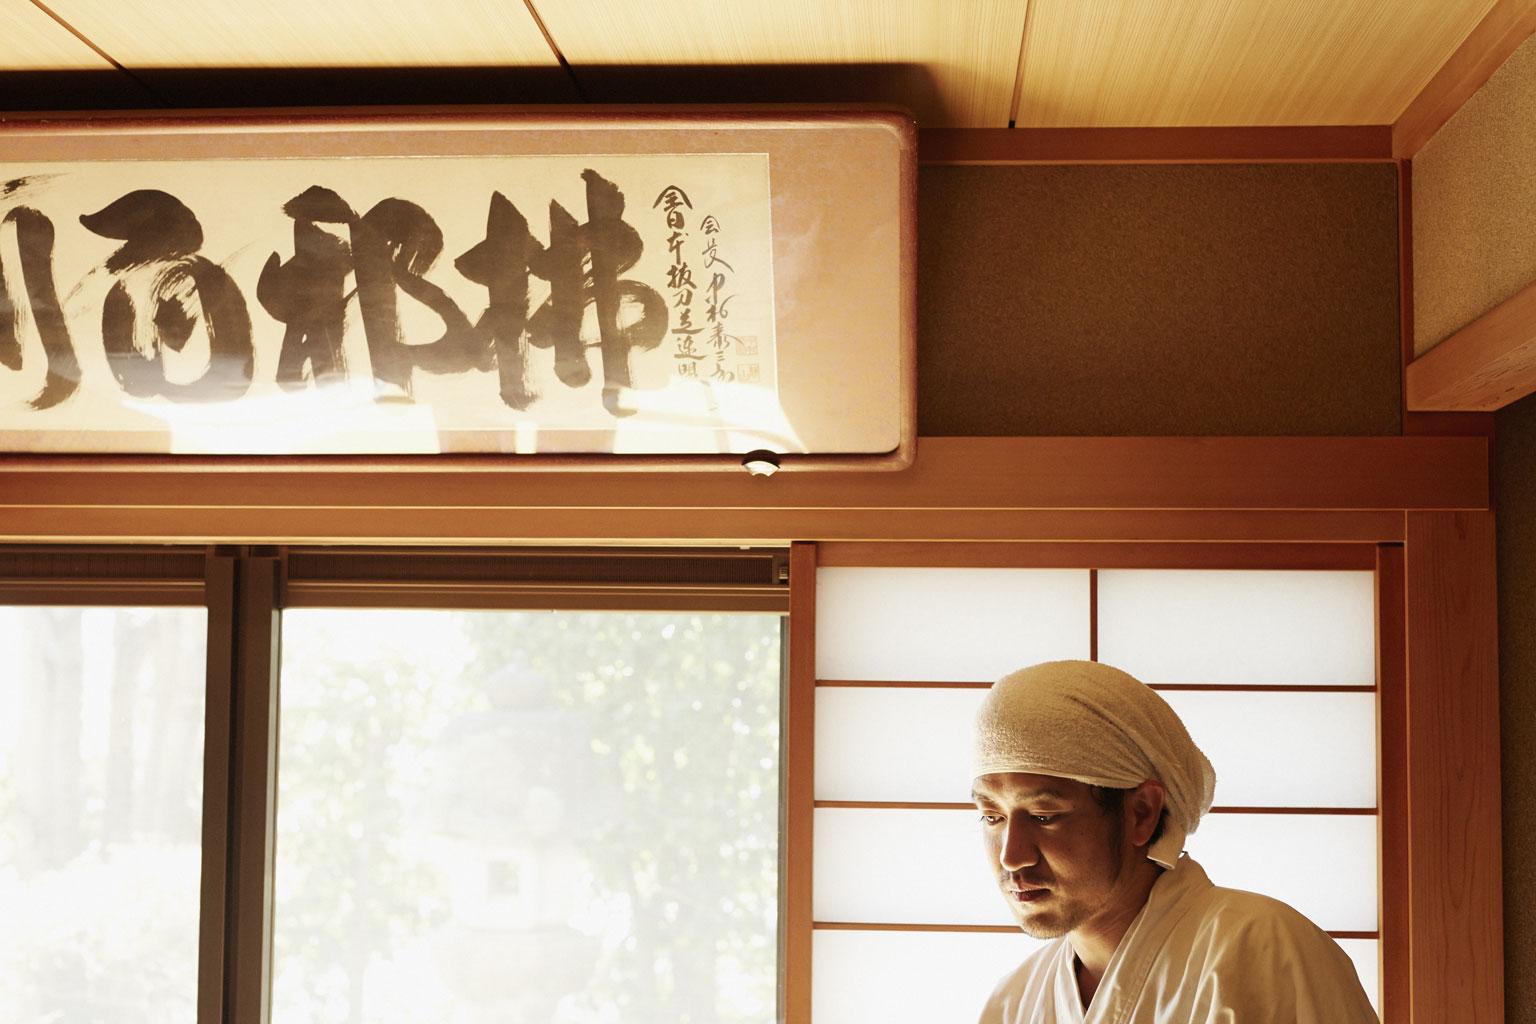 140922_TM_Japan_1410.jpg